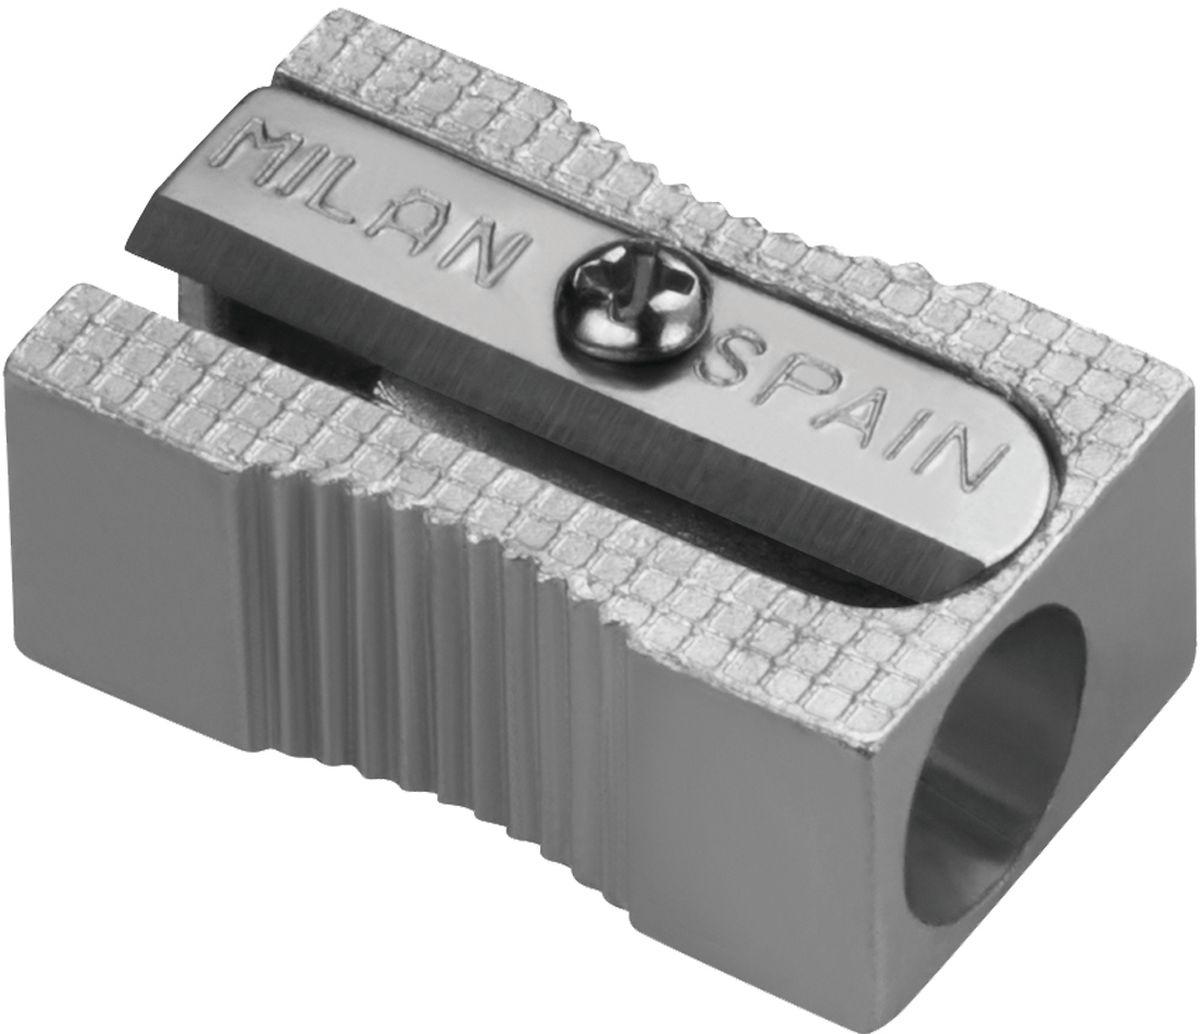 Milan Точилка 8003480034Алюминиевая точилка MILAN. Лезвие из углеродистой стали, острое и устойчивое к повреждению. Идеально подходит для графитовых и цветных карандашей